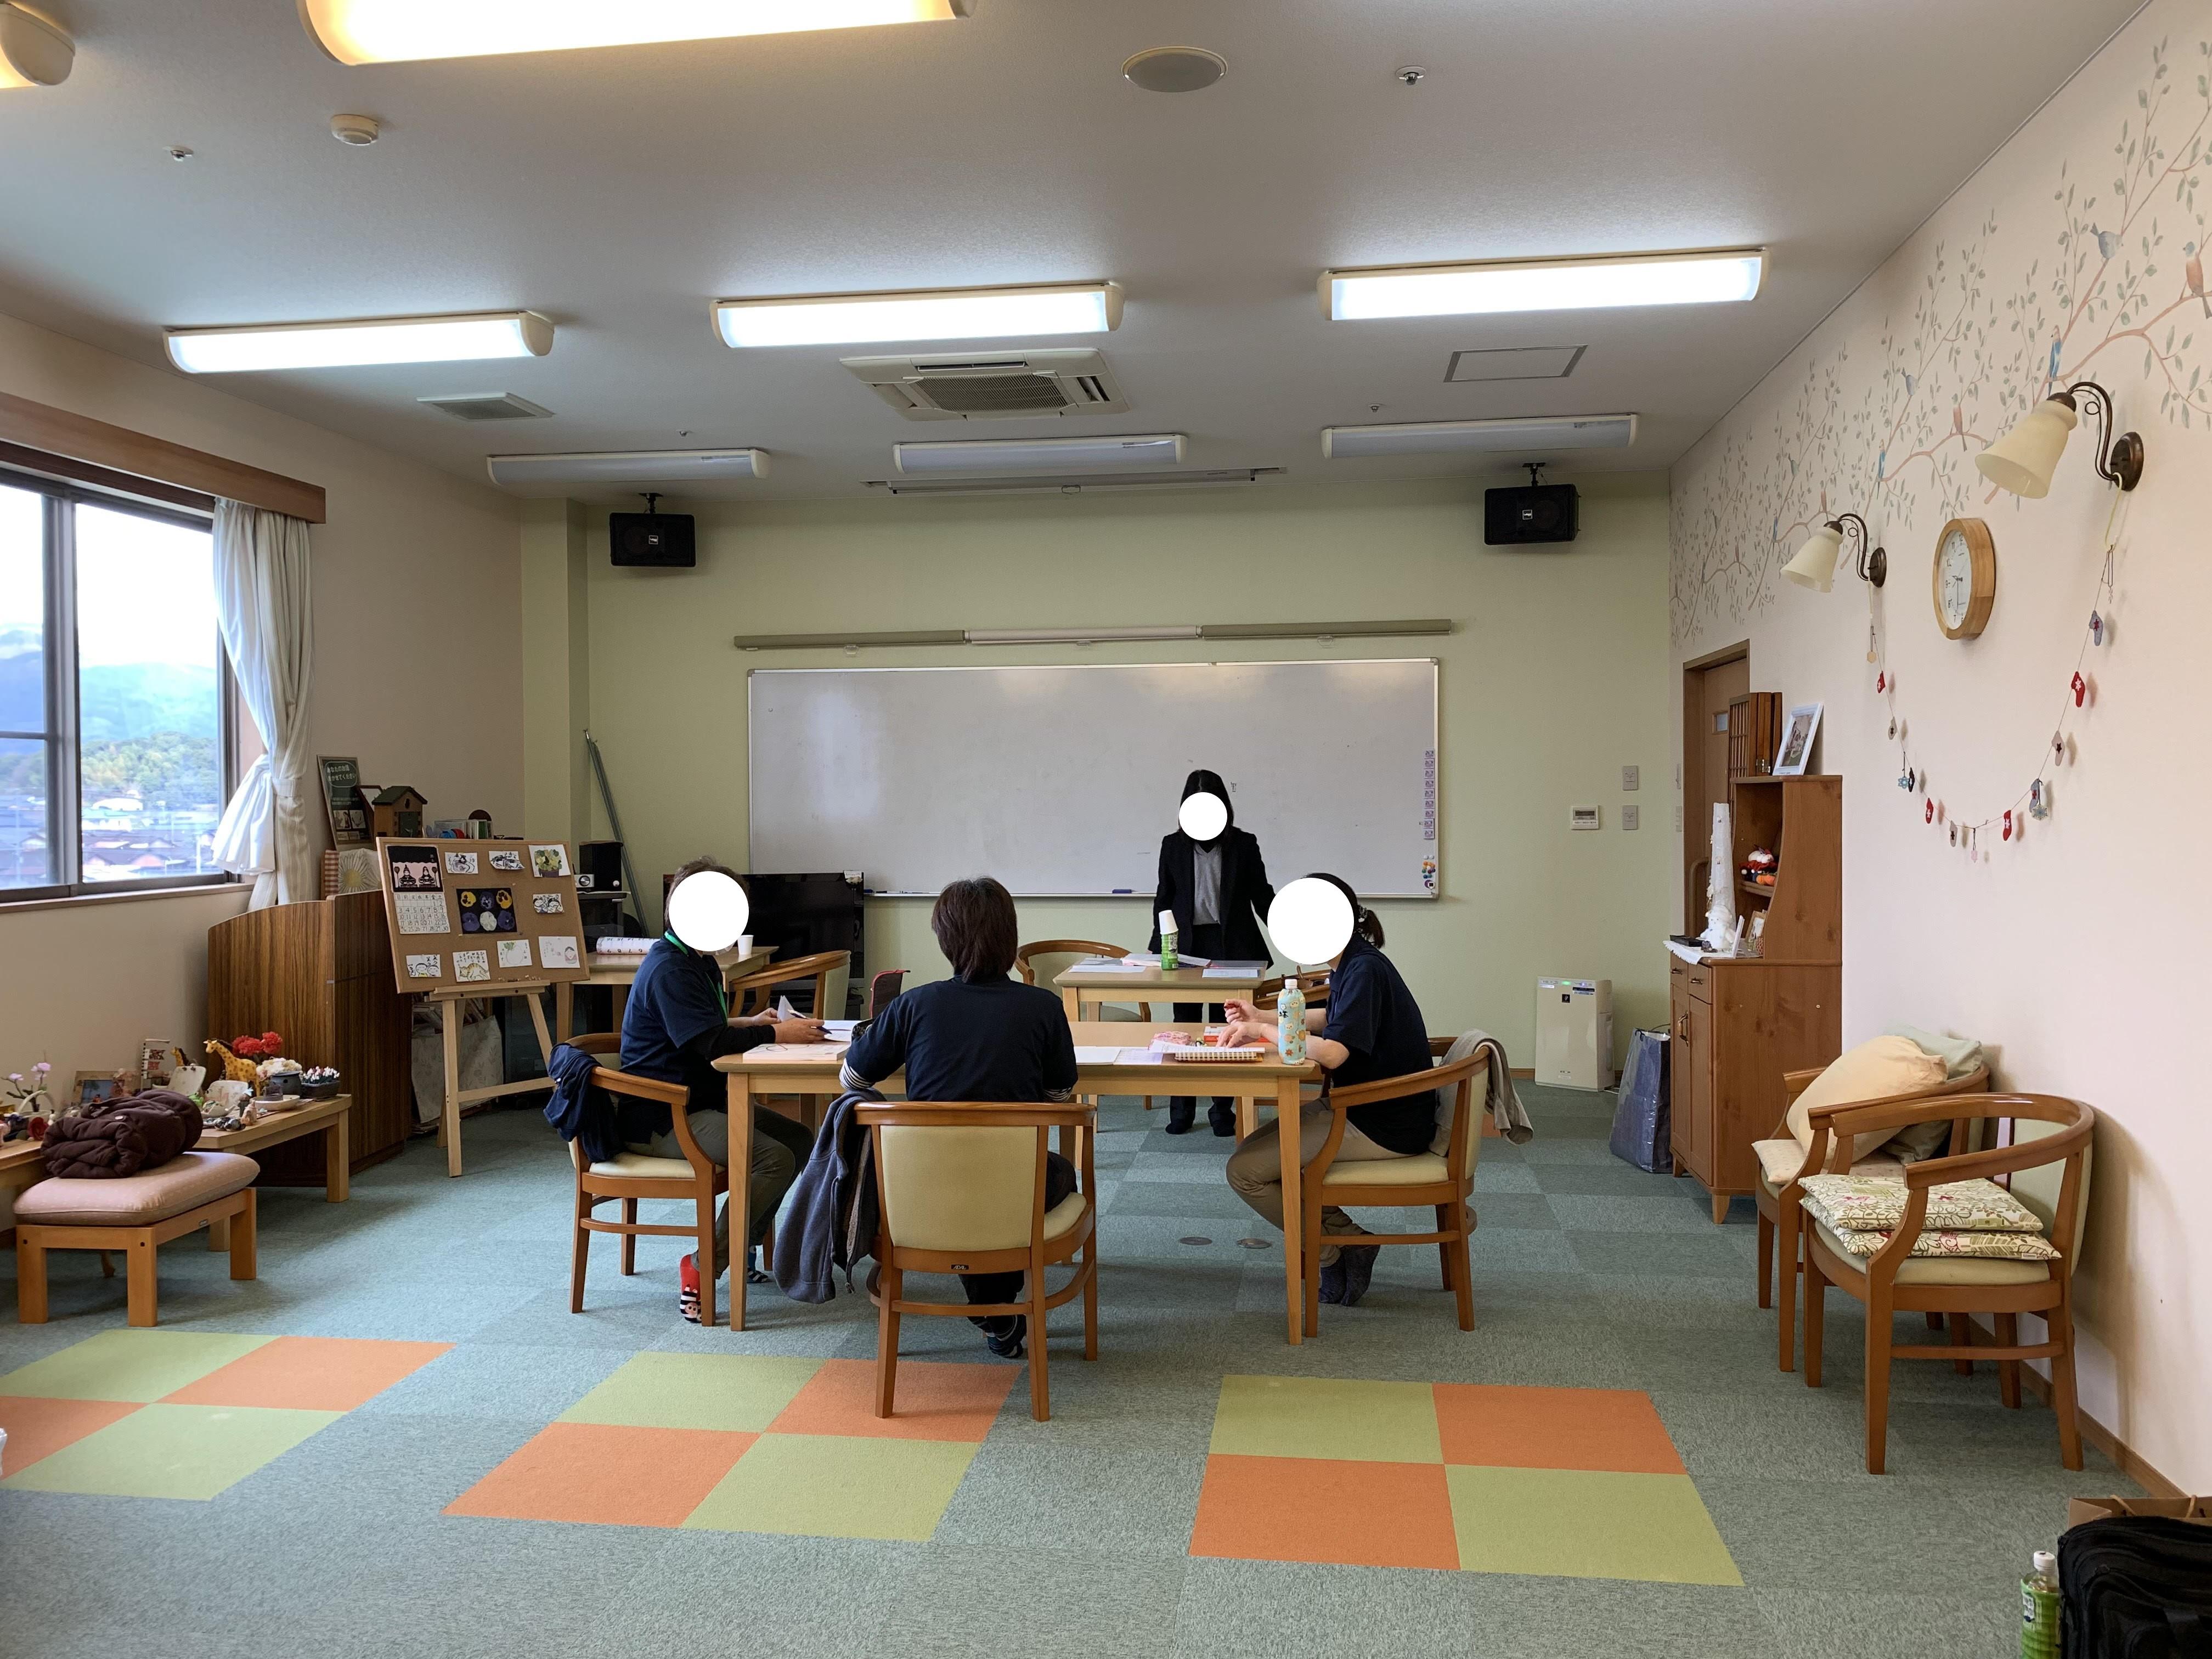 福岡県行橋市 看護小規模多機能型居宅介護 様